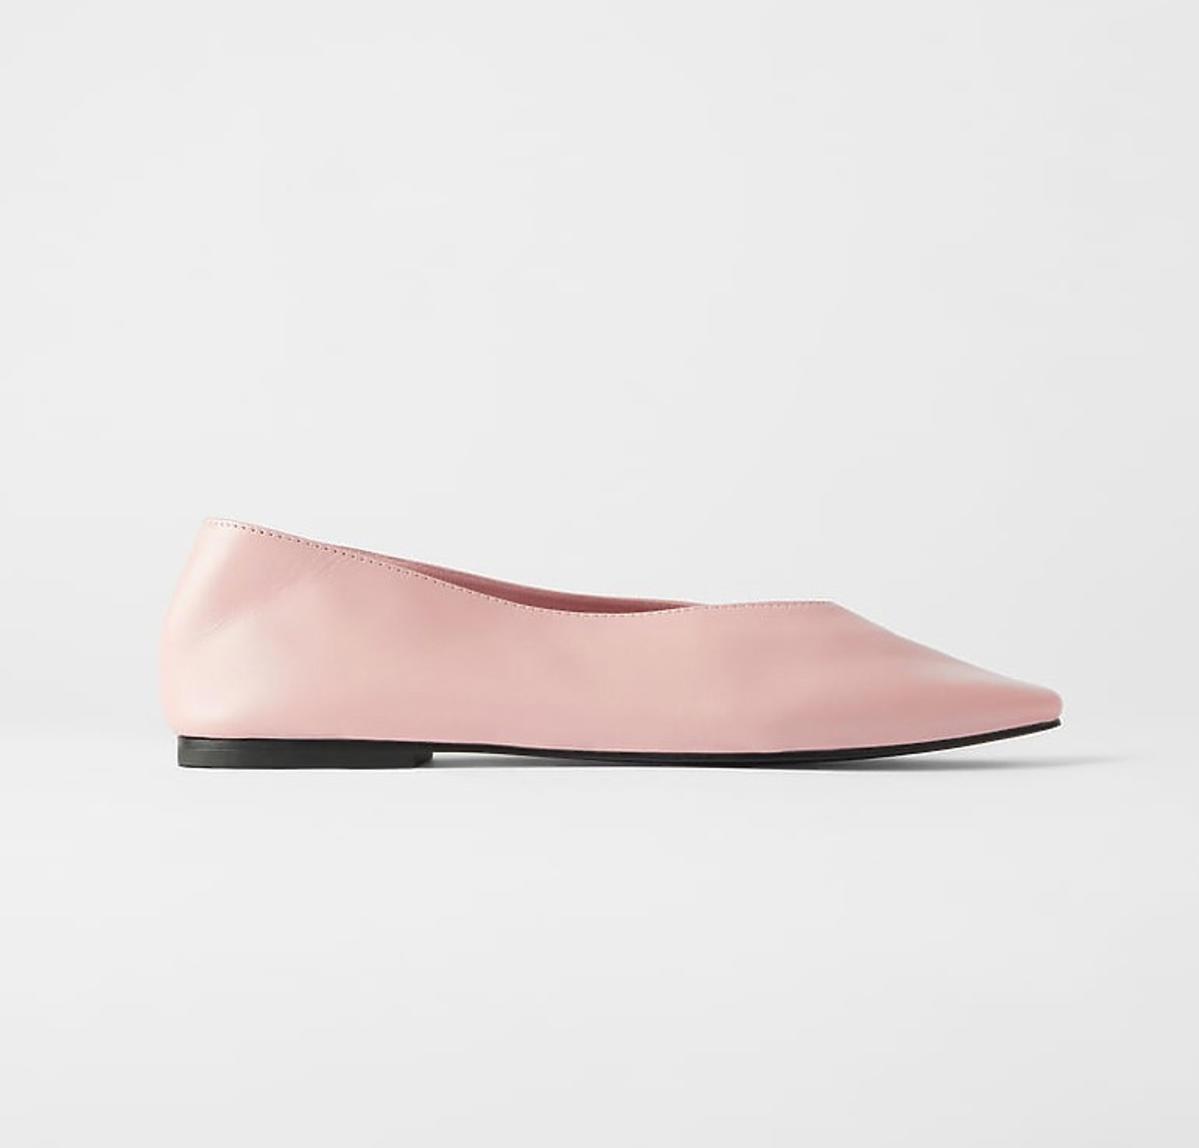 Buty z Zary na wyprzedaży 2020